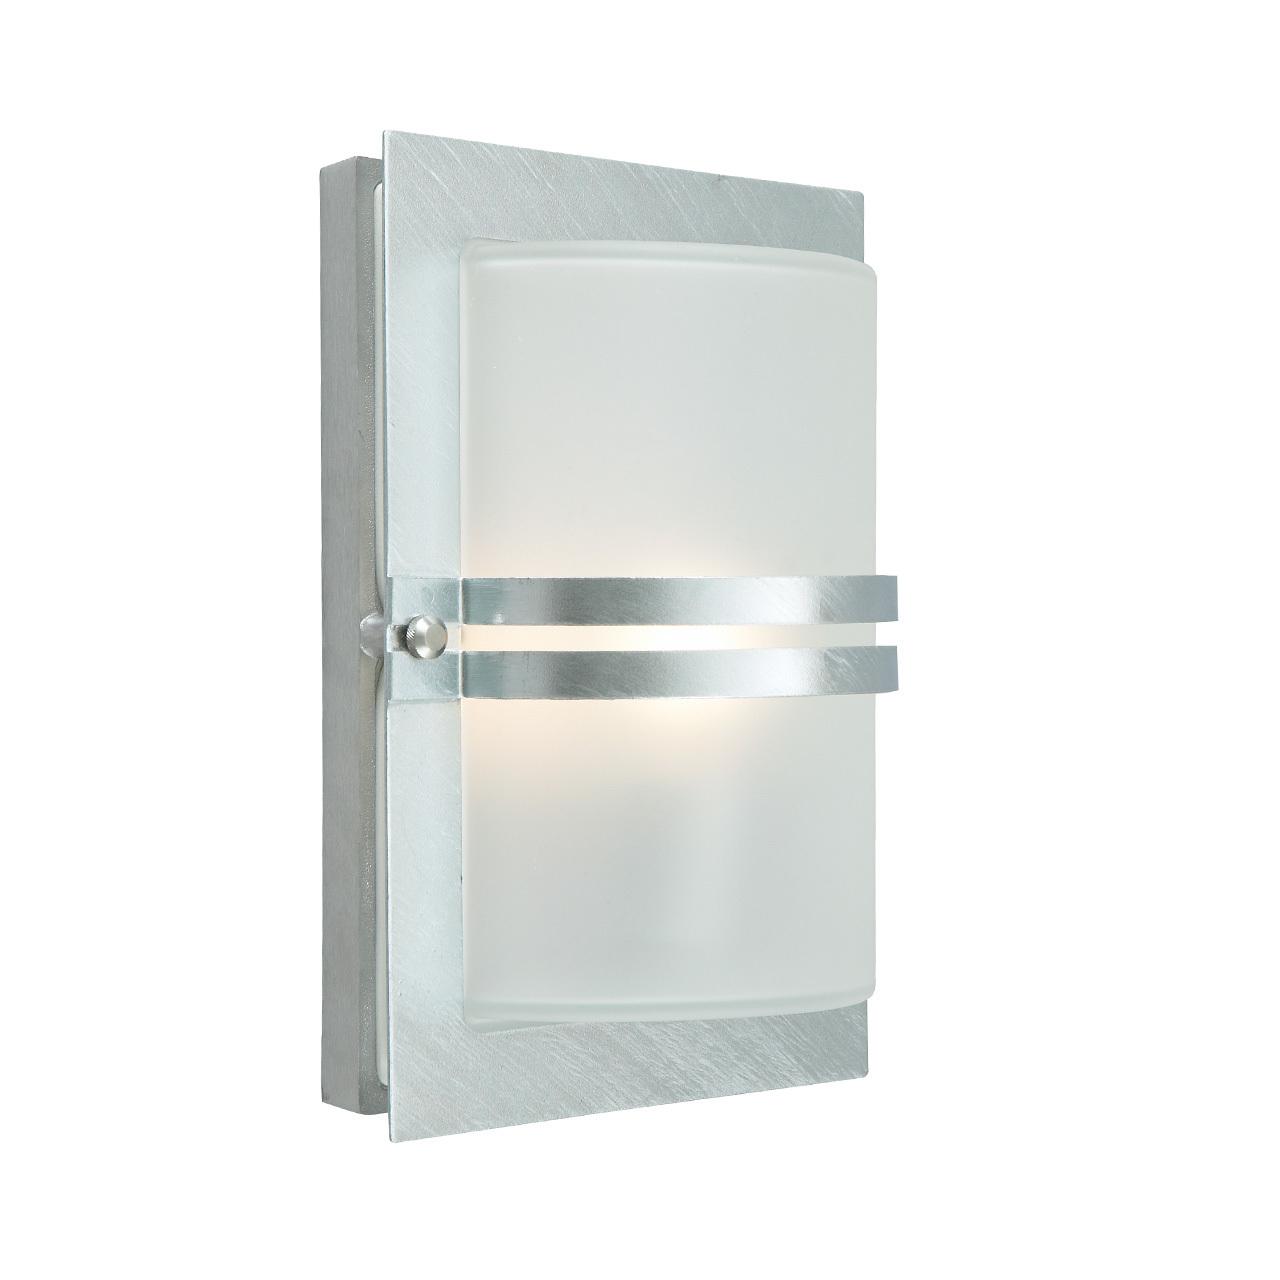 Lampa ścienna BASEL LED 668GA -Norlys  SPRAWDŹ RABATY  5-10-15-20 % w koszyku